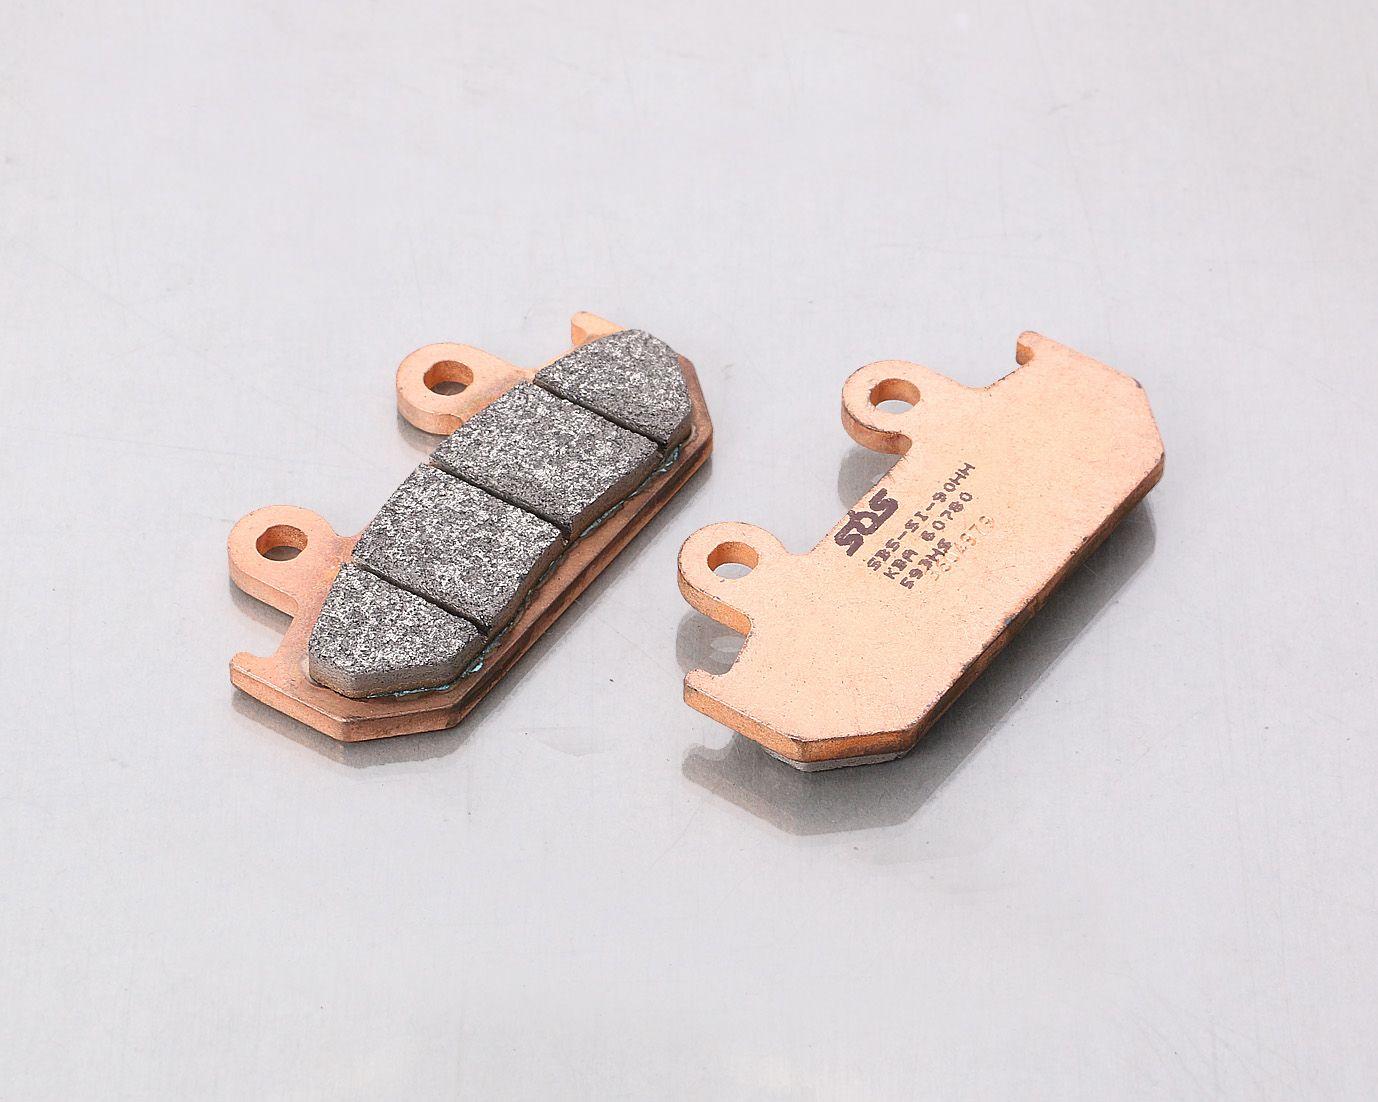 【SBS】道路版 金屬燒結煞車來令片 593HS - 「Webike-摩托百貨」